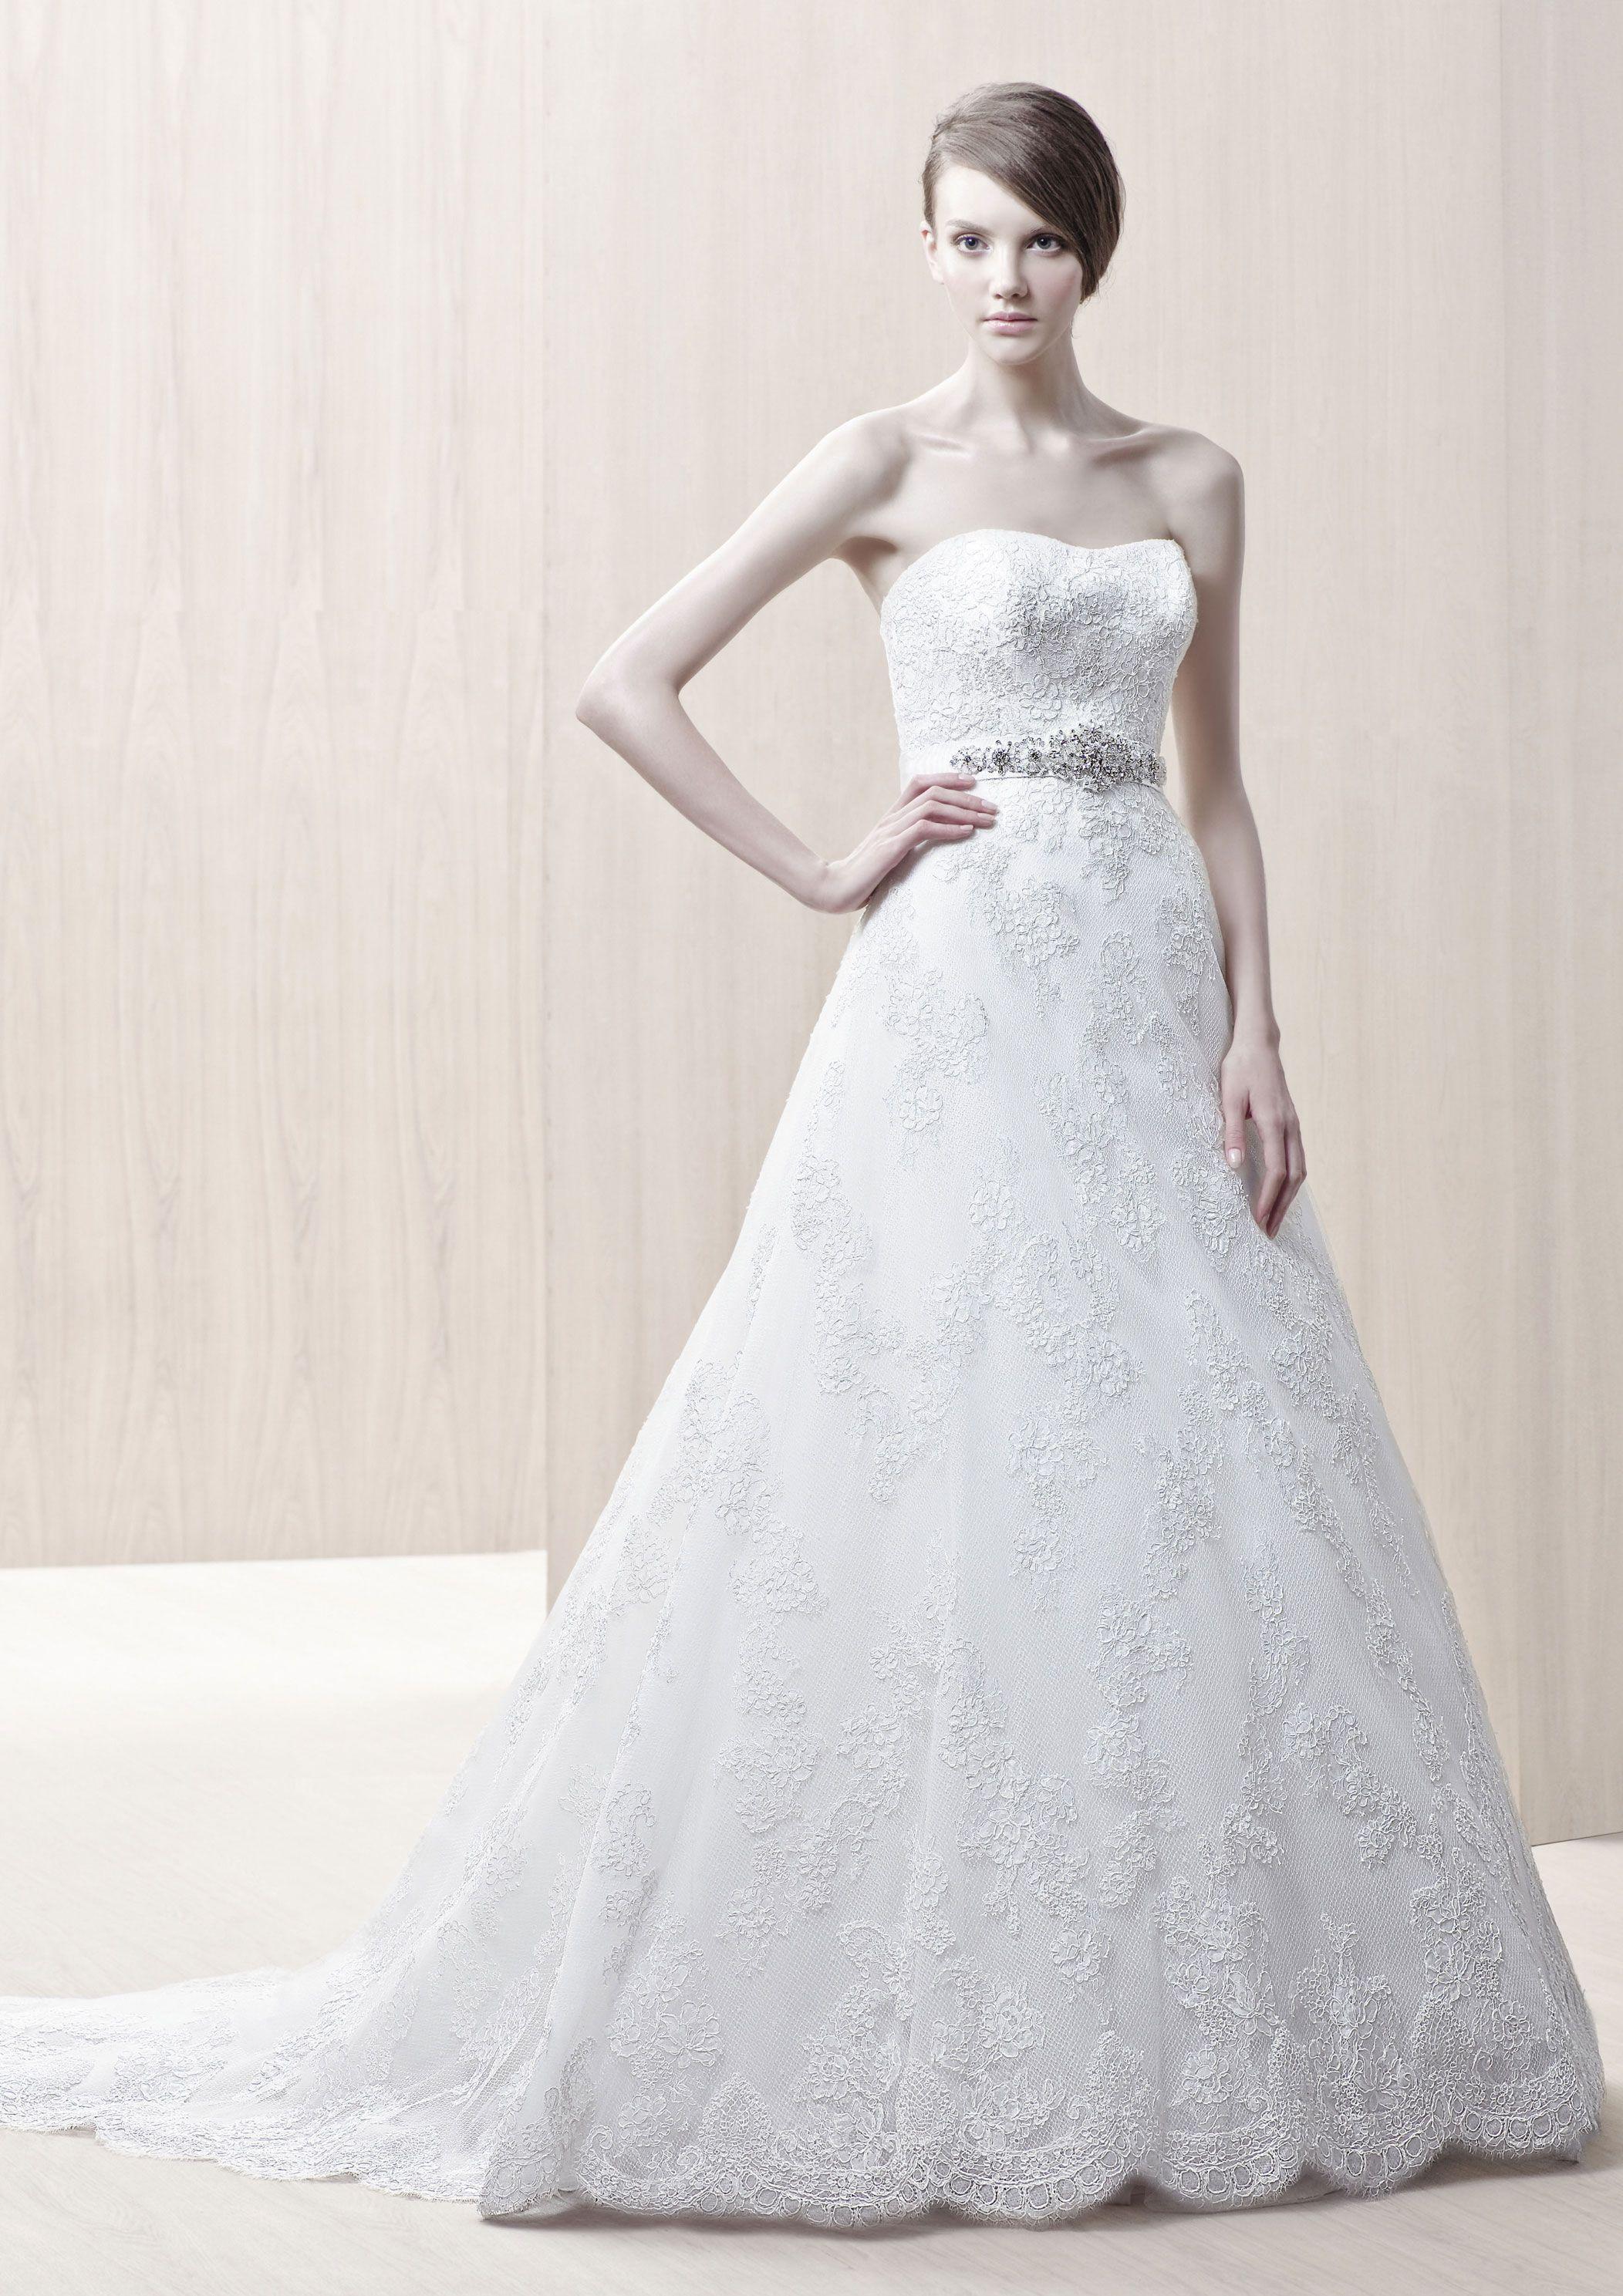 Brautkleid #Hochzeitskleid Enzoani Gertrude http://www.wunsch ...